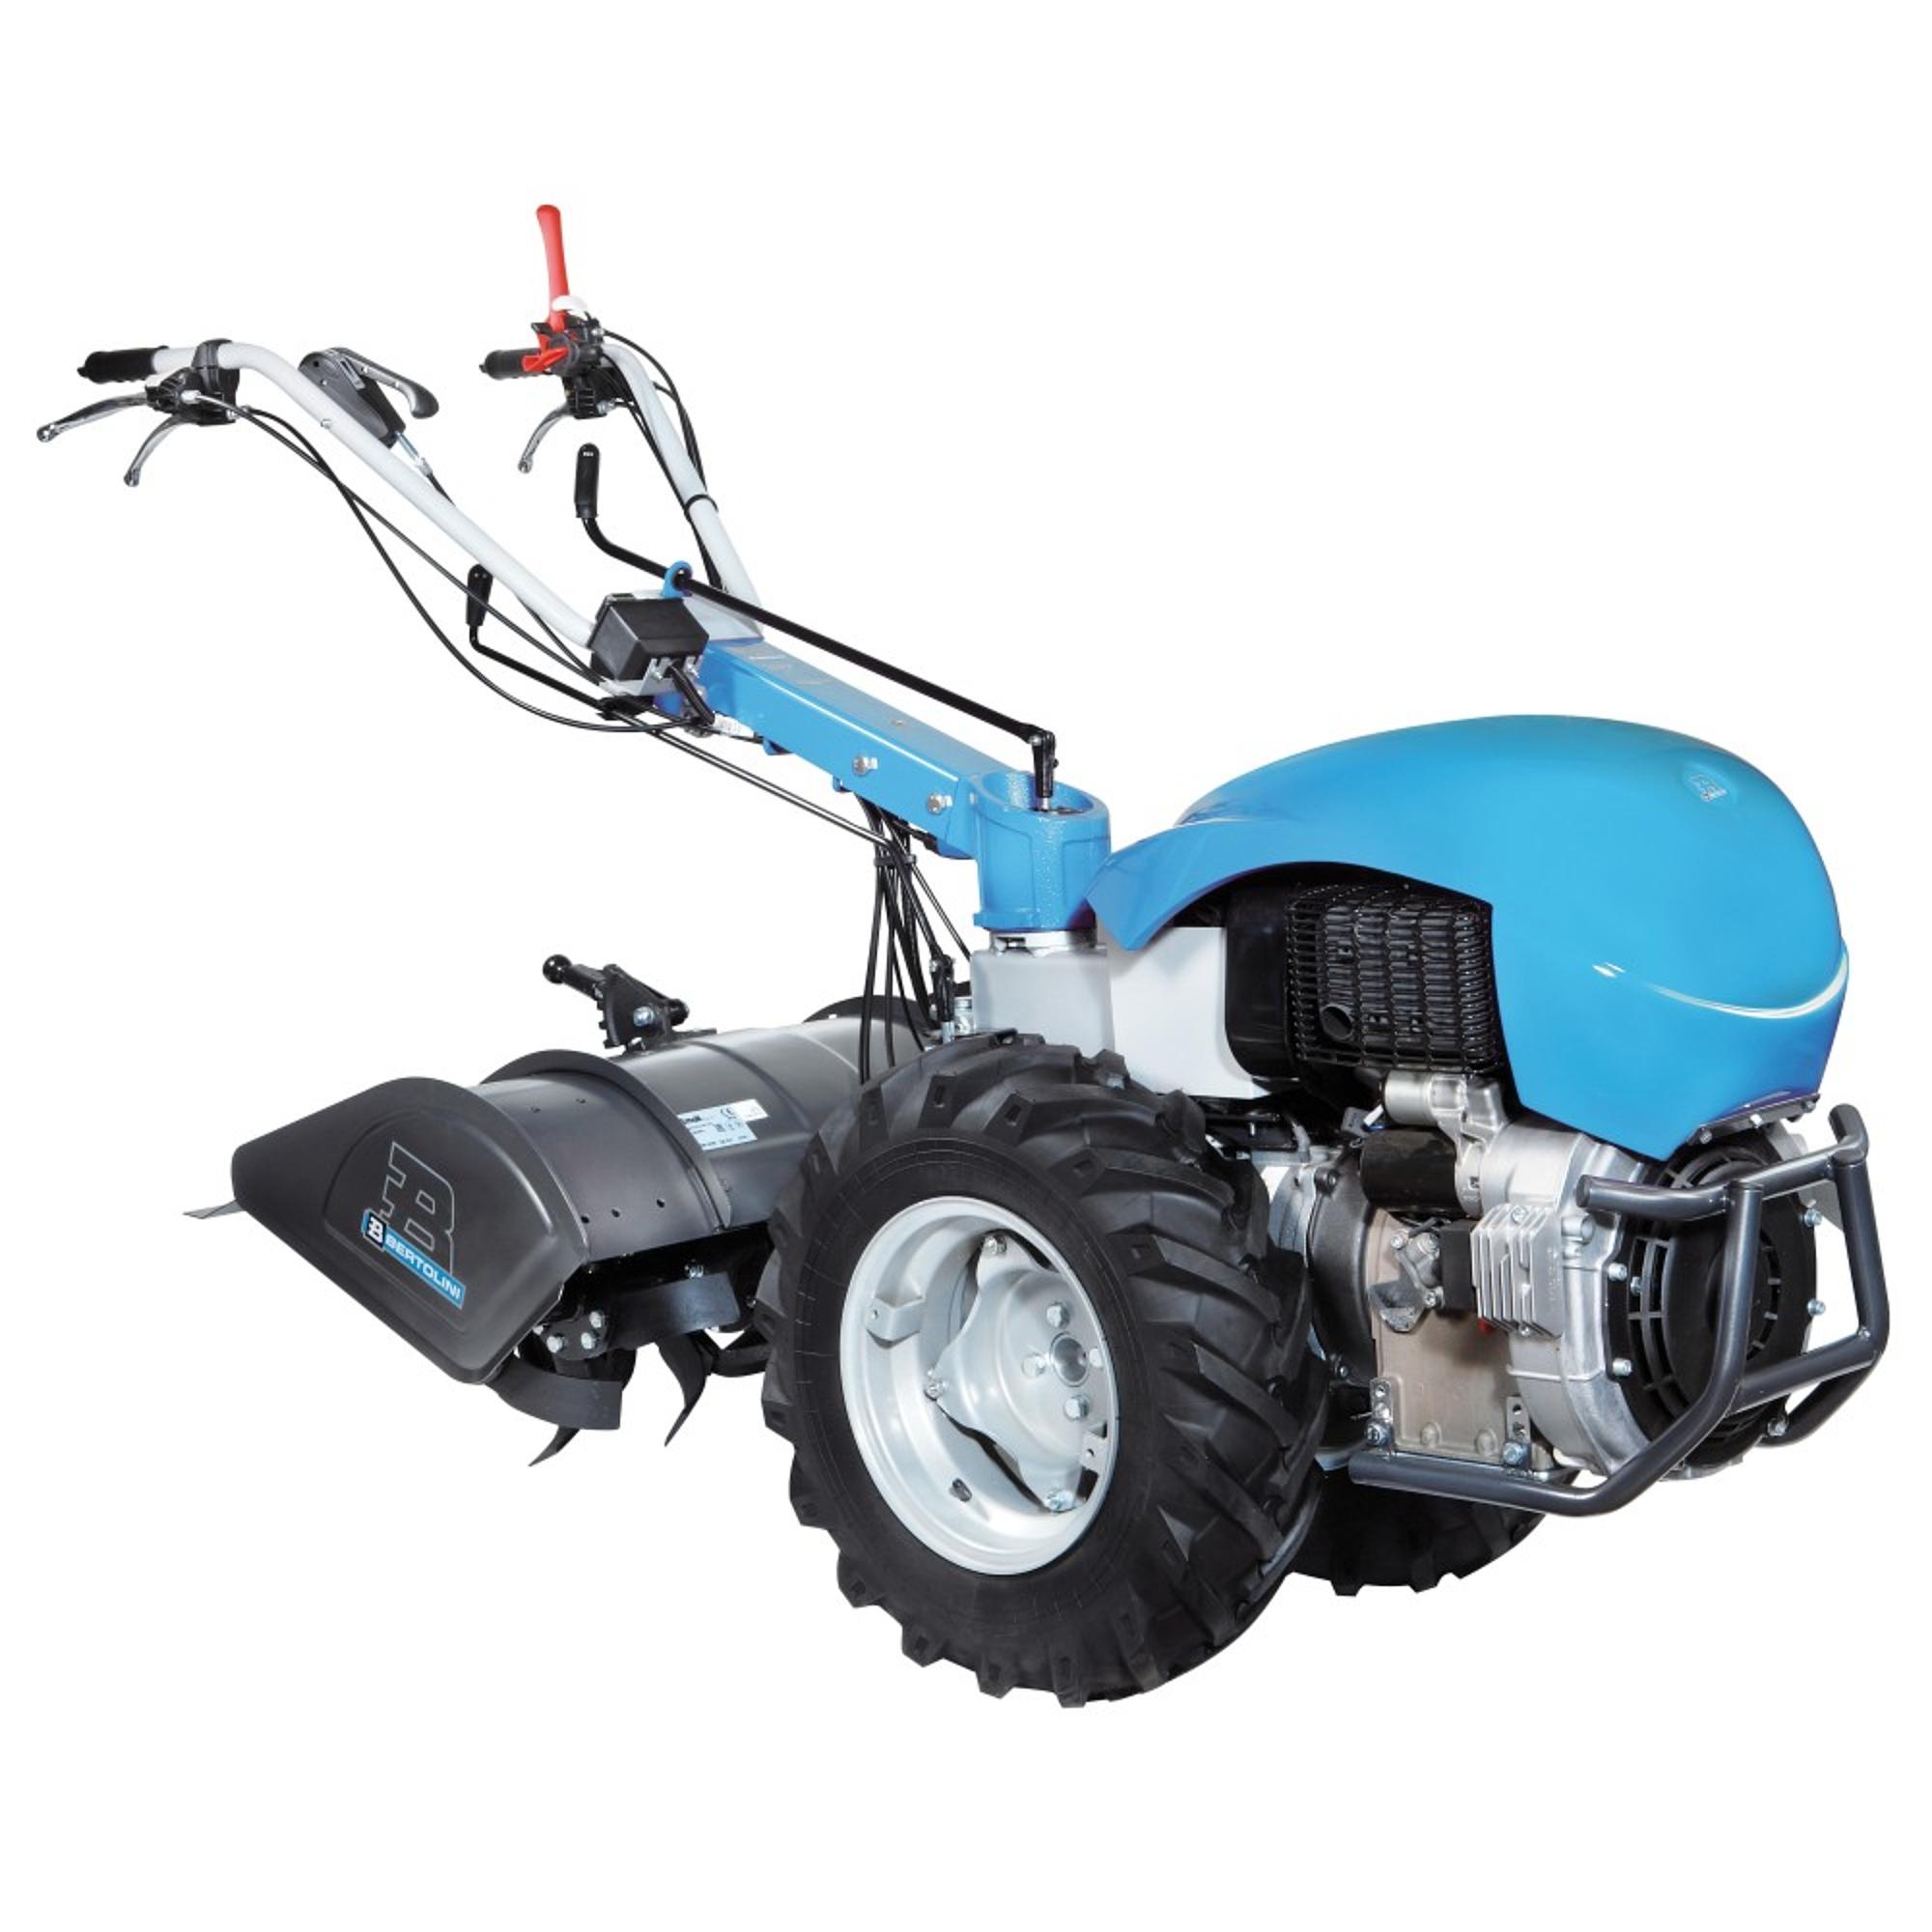 Bertolini Motoros kultivátor BT 417 S Honda GX 340 OHV motorral 68339100EN